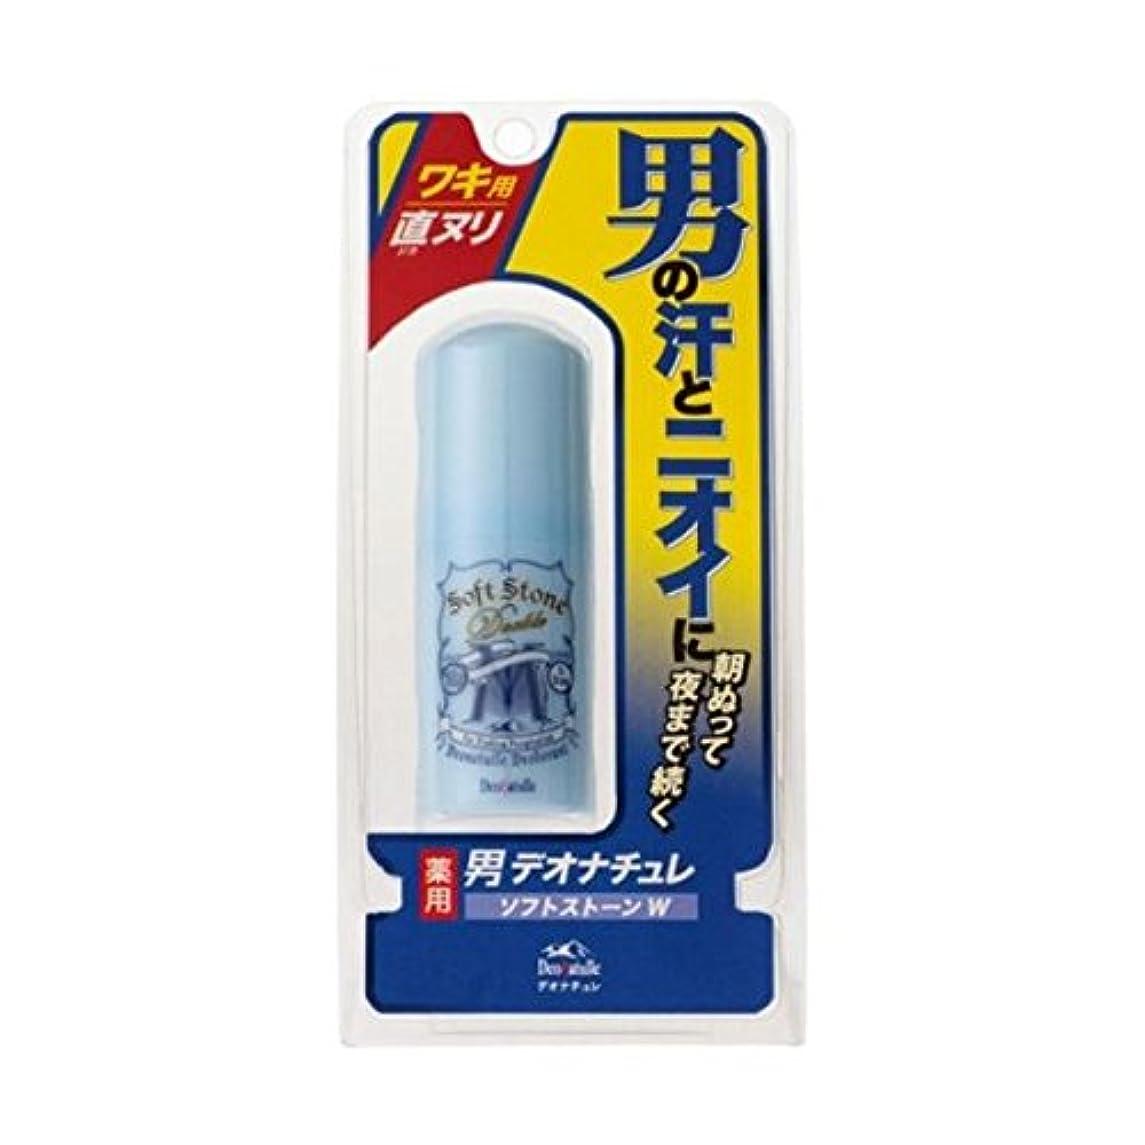 崖夏バックアップデオナチュレ 男ソフトストーン20Gx3個セット (4971825011747)